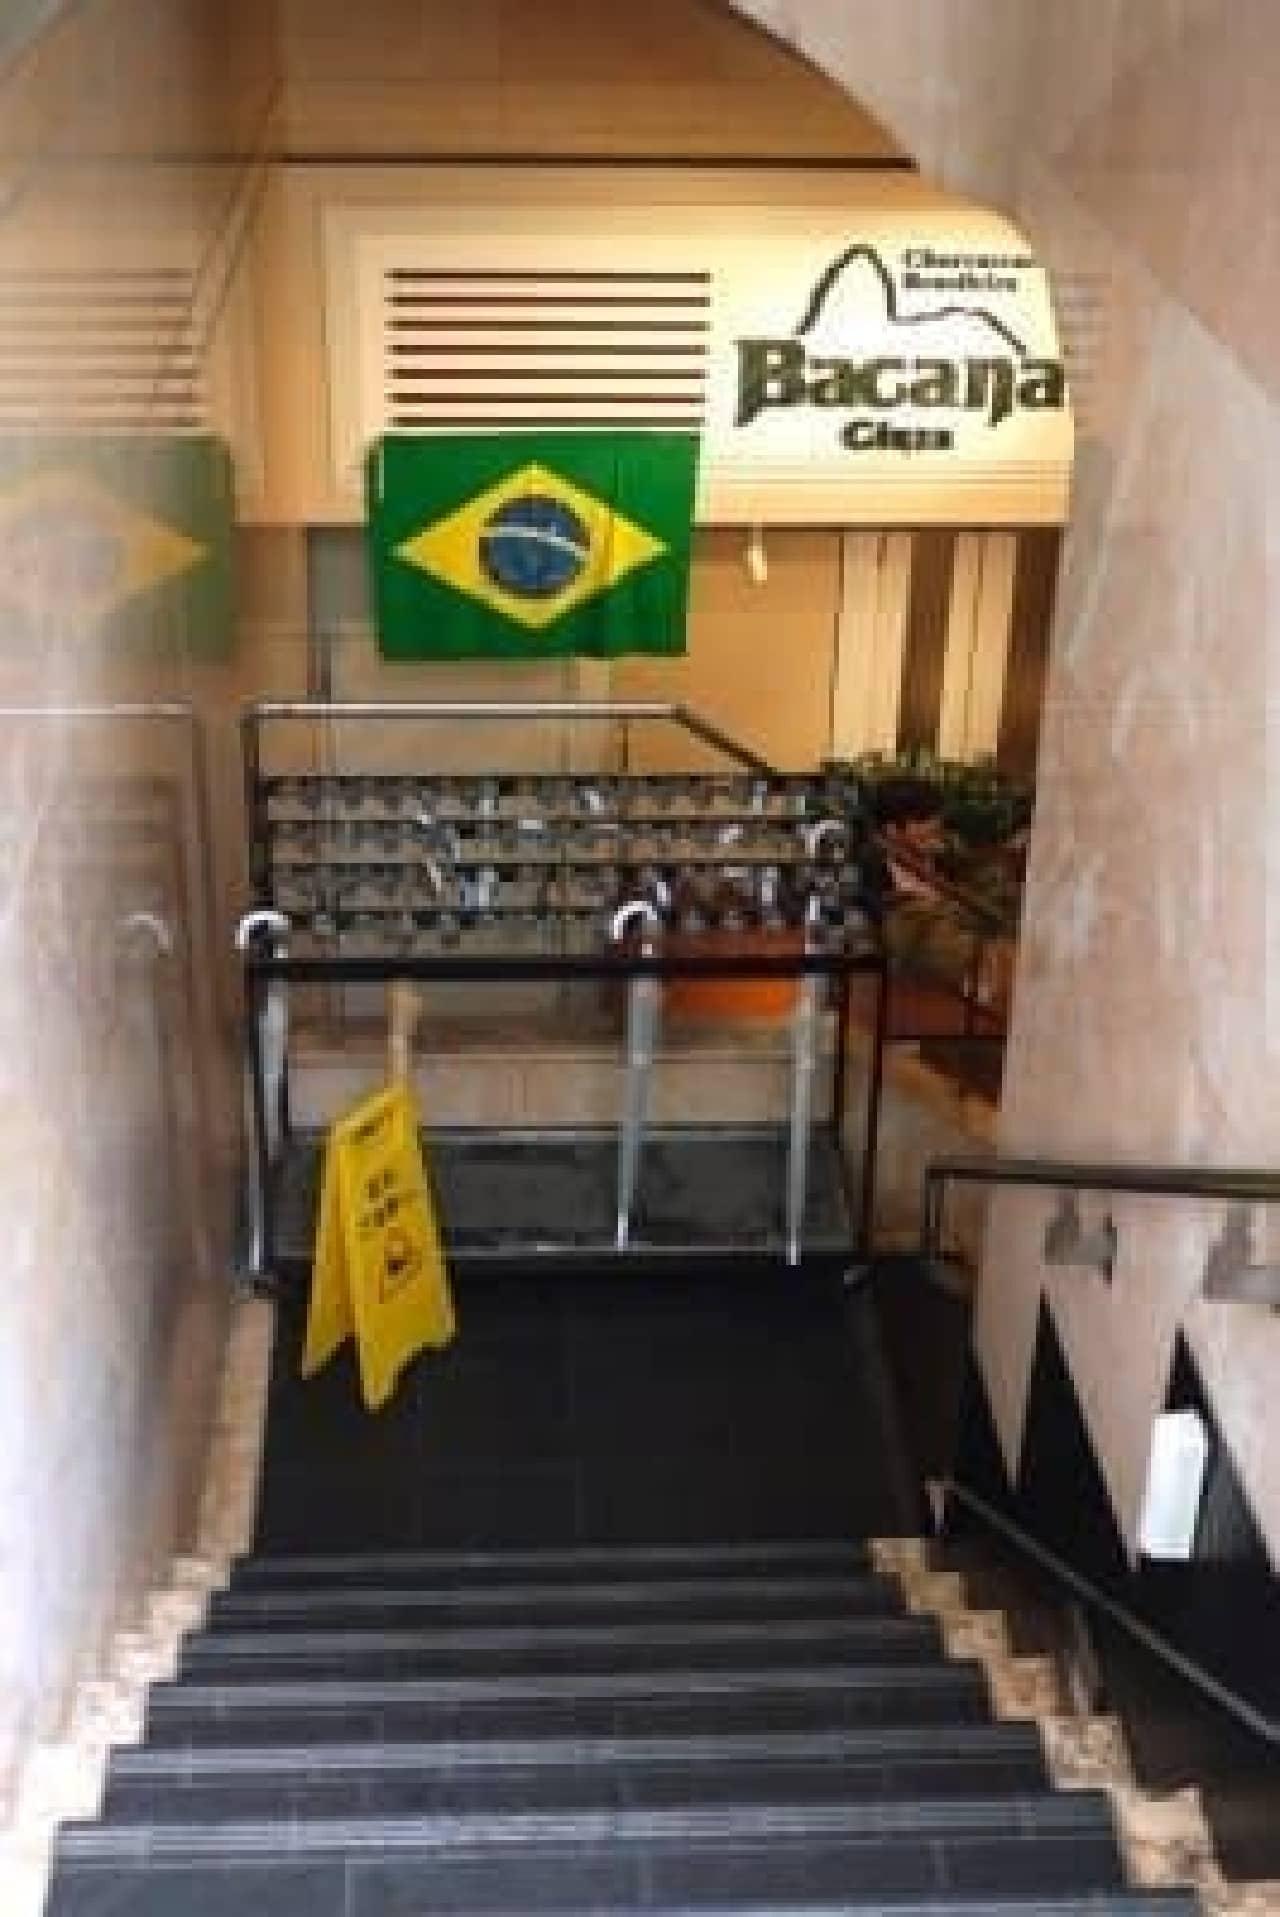 ブラジル国旗が出迎えてくれる